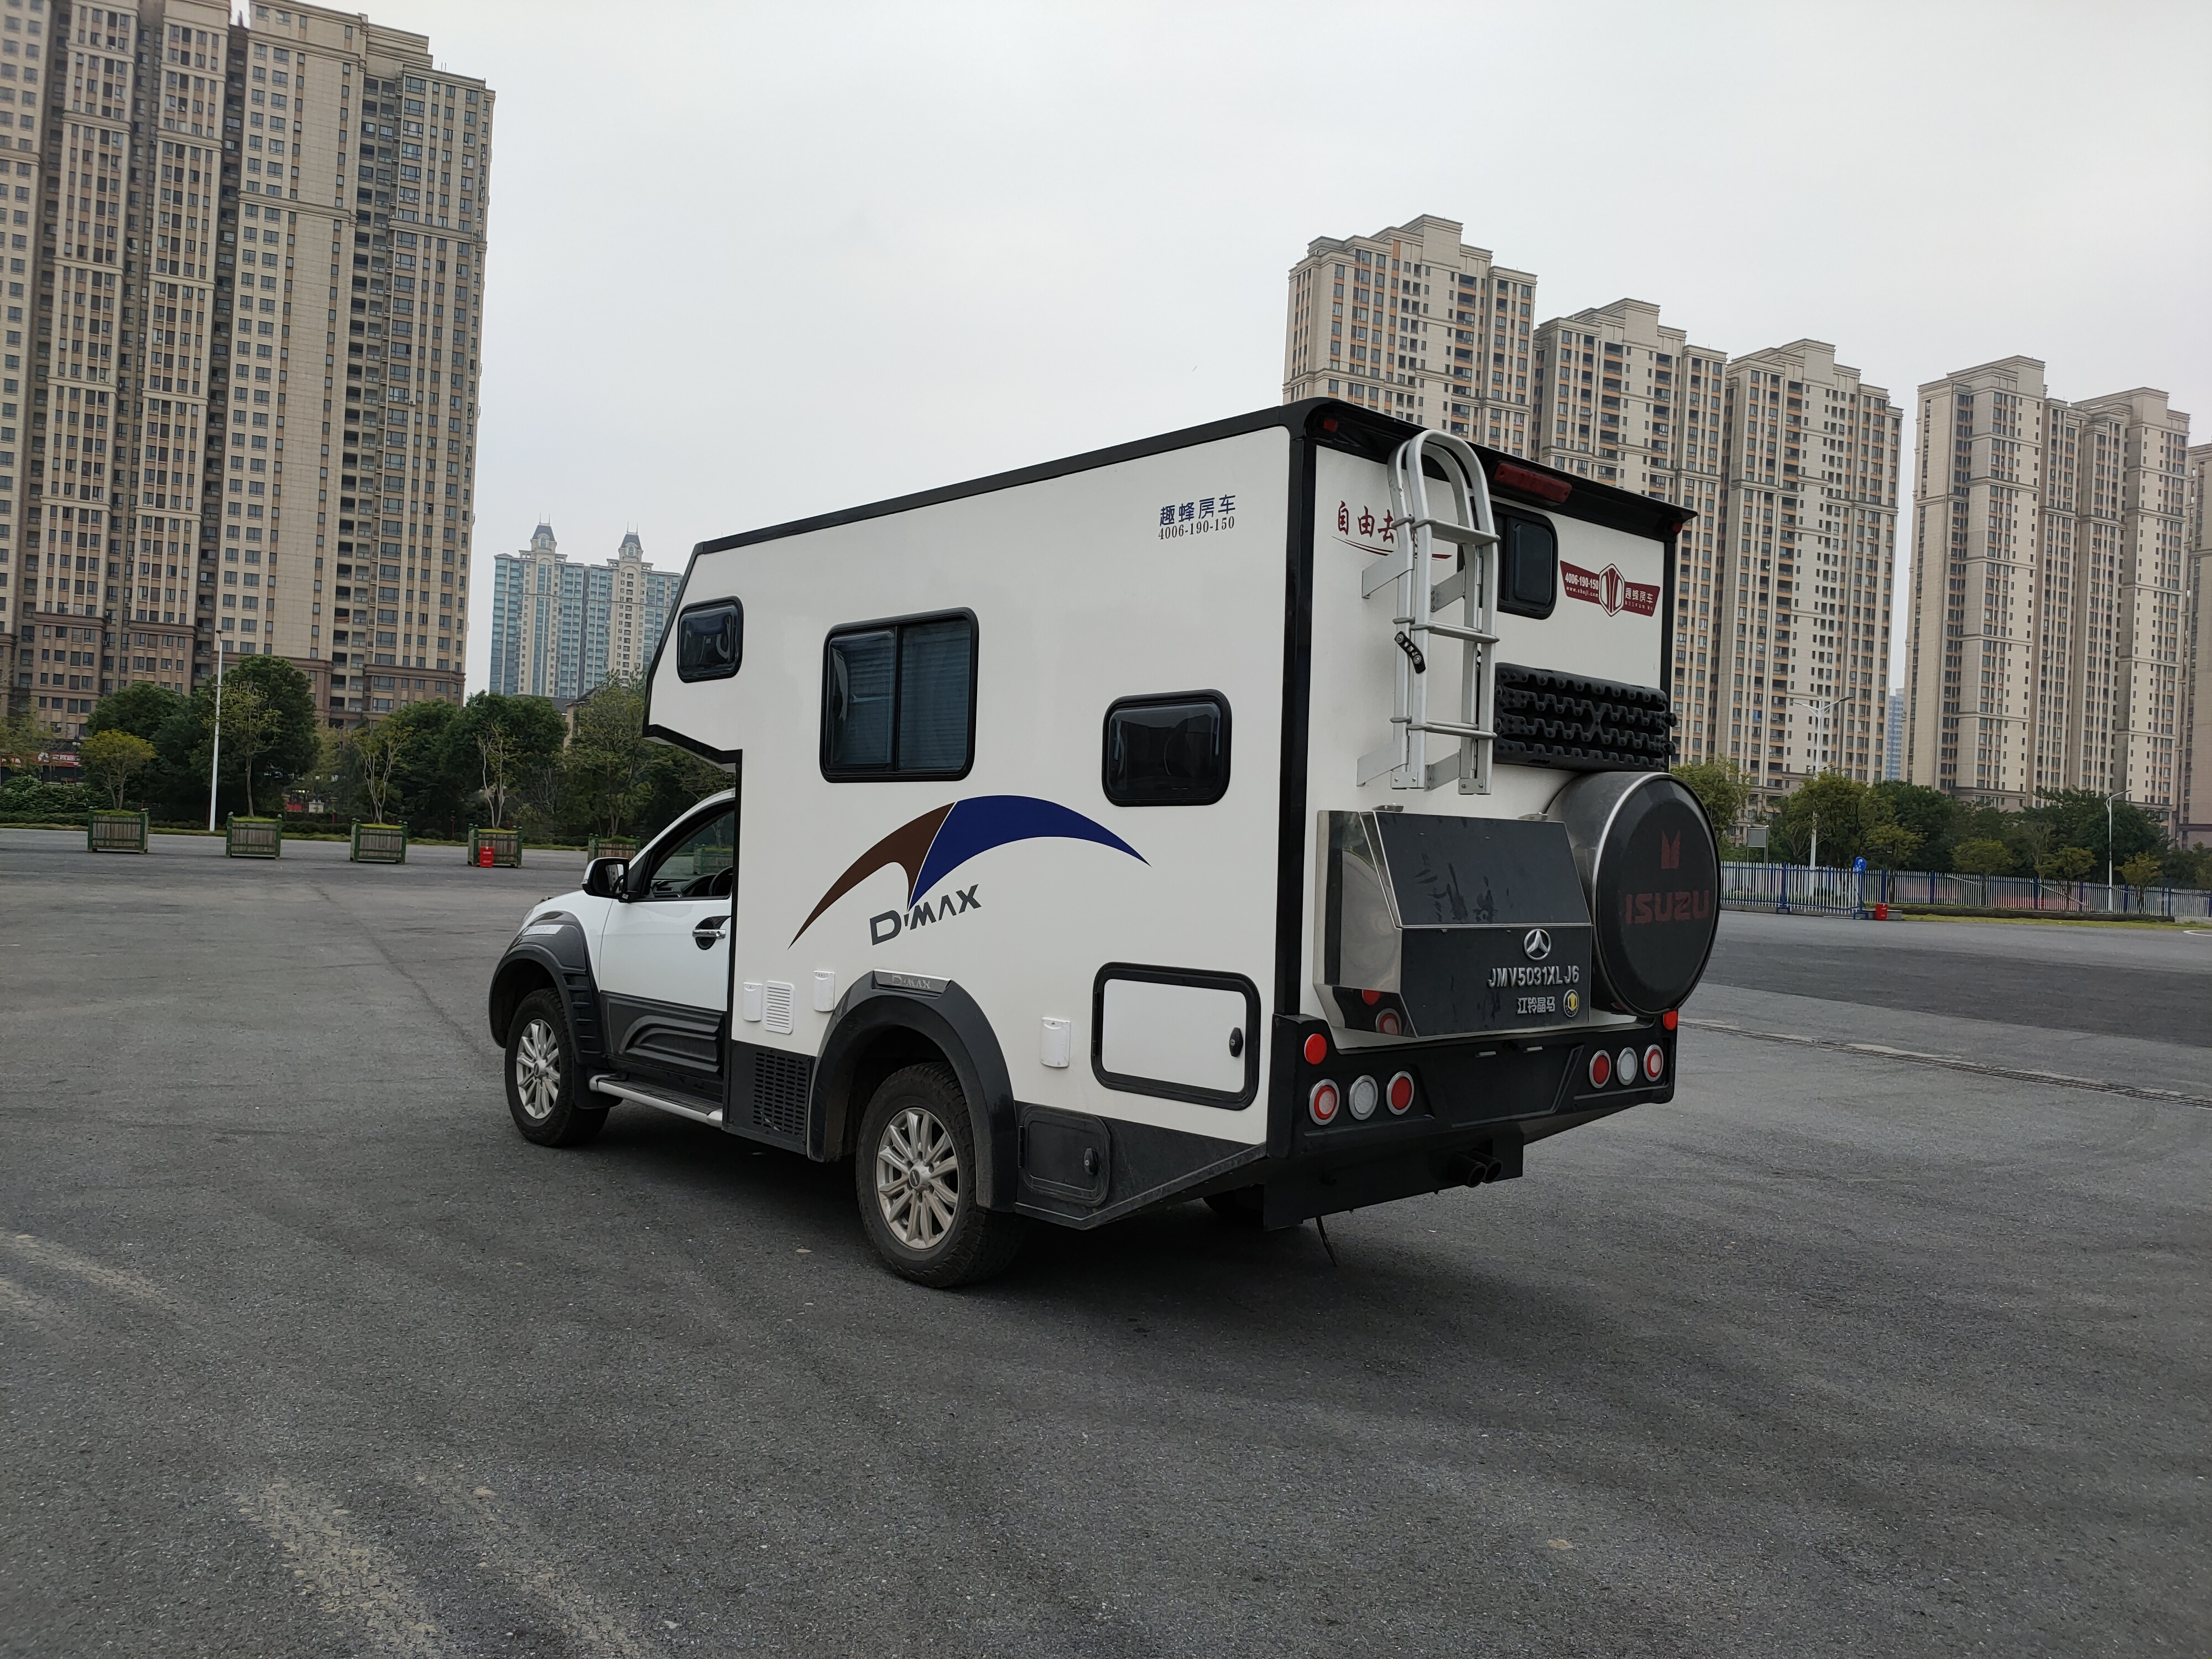 搭配48V电路又兼具野性硬汉风,趣蜂五十铃D-MAX皮卡房车